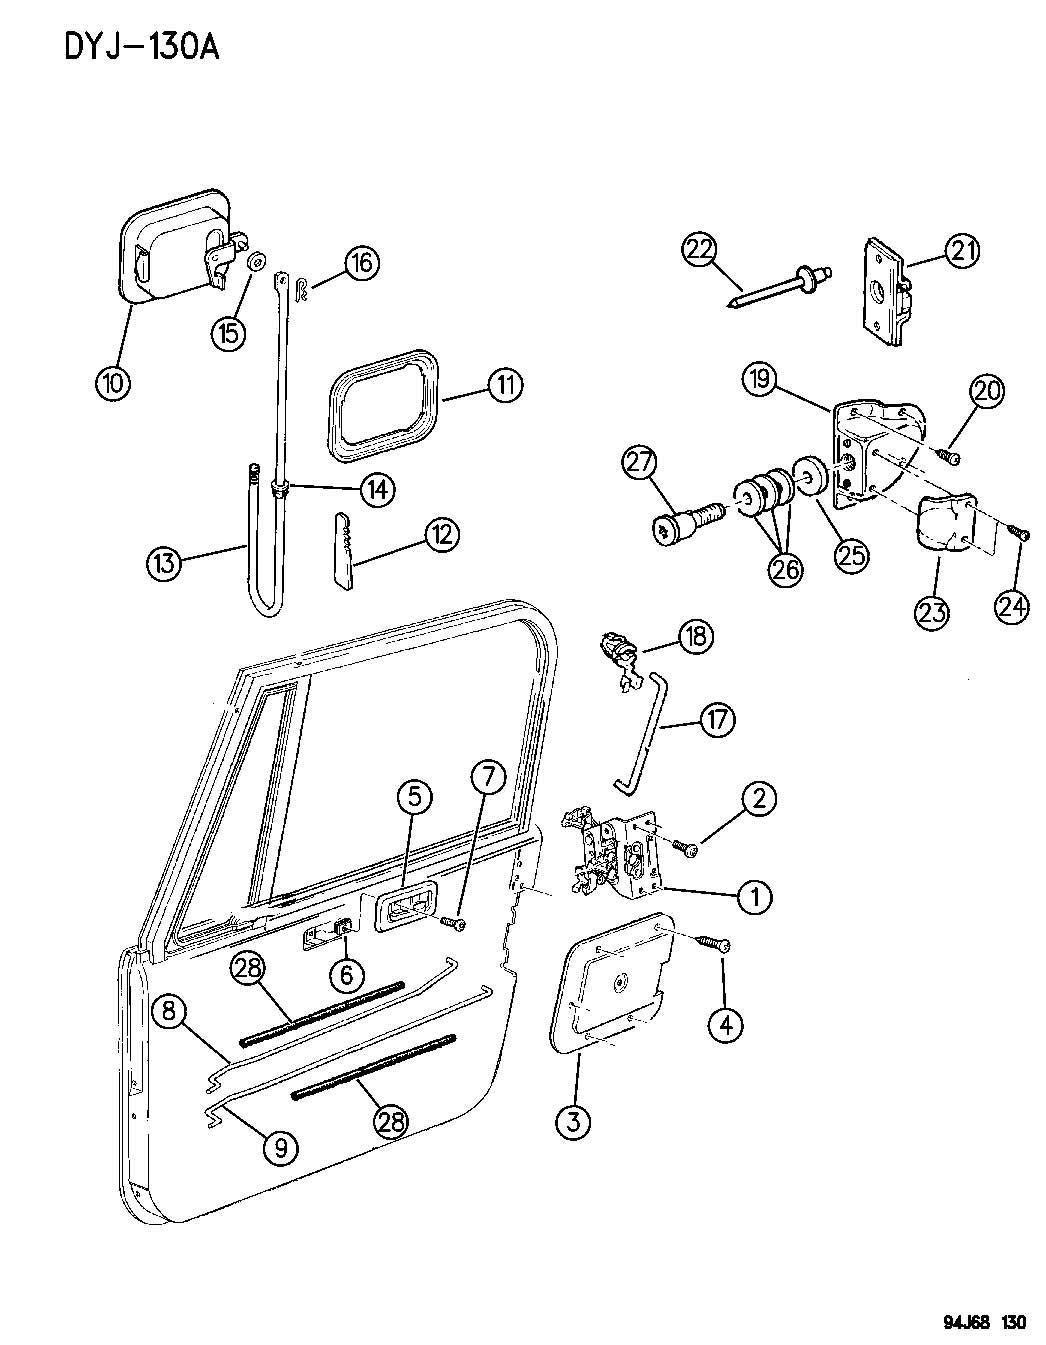 2004 jeep grand cherokee door lock wiring diagram 2001 saab 9 3 stereo wj  system diagrams